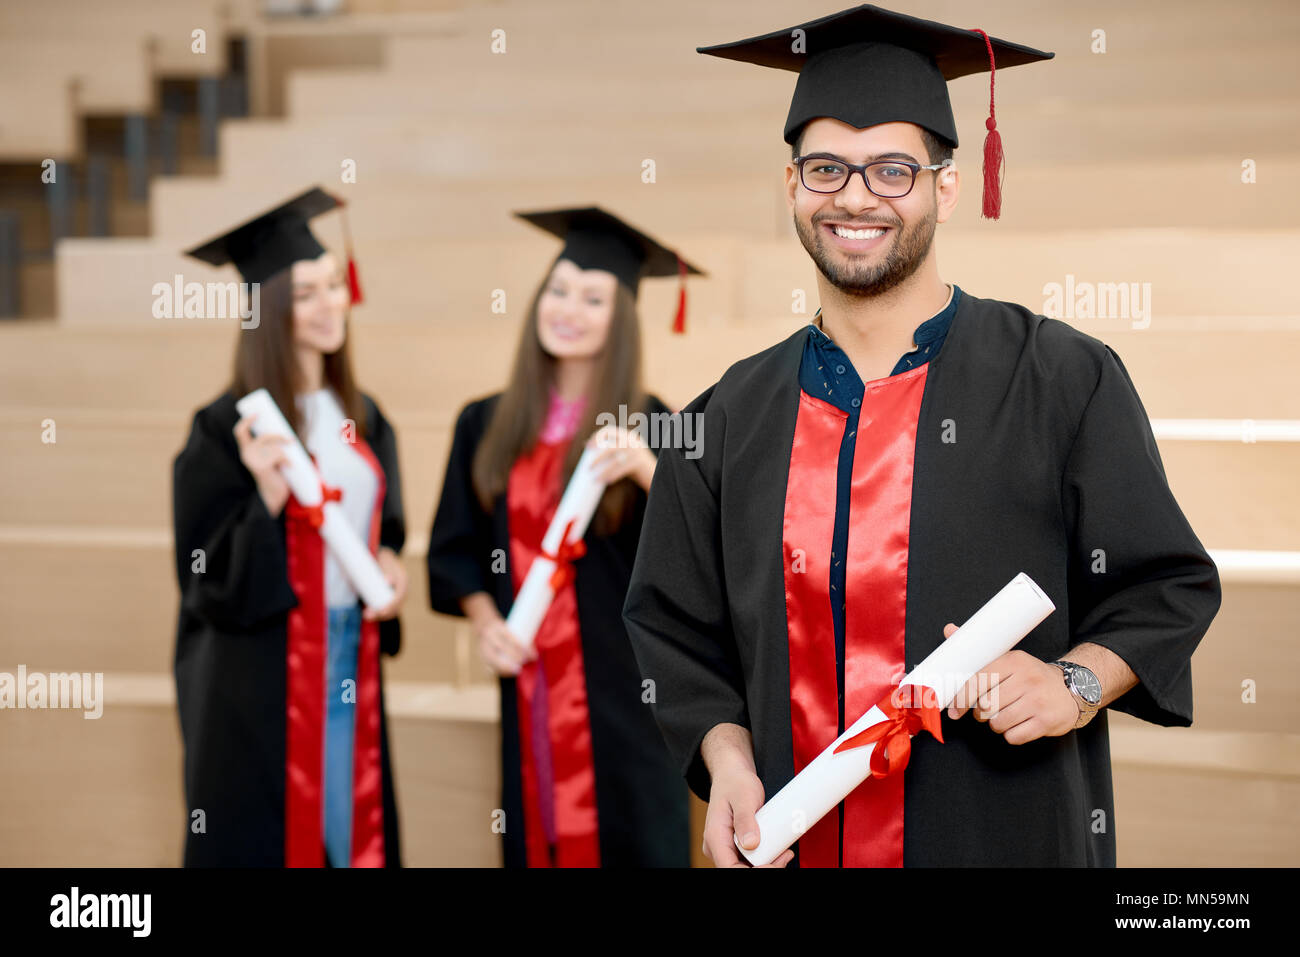 Feliz sonriente joven manteniendo diploma universitario. Graduado de pie cerca de los jóvenes y busca groupmates satisfecho. Los estudiantes que vestían de color rojo y negro vestidos de graduación. Terminando la universidad. Foto de stock